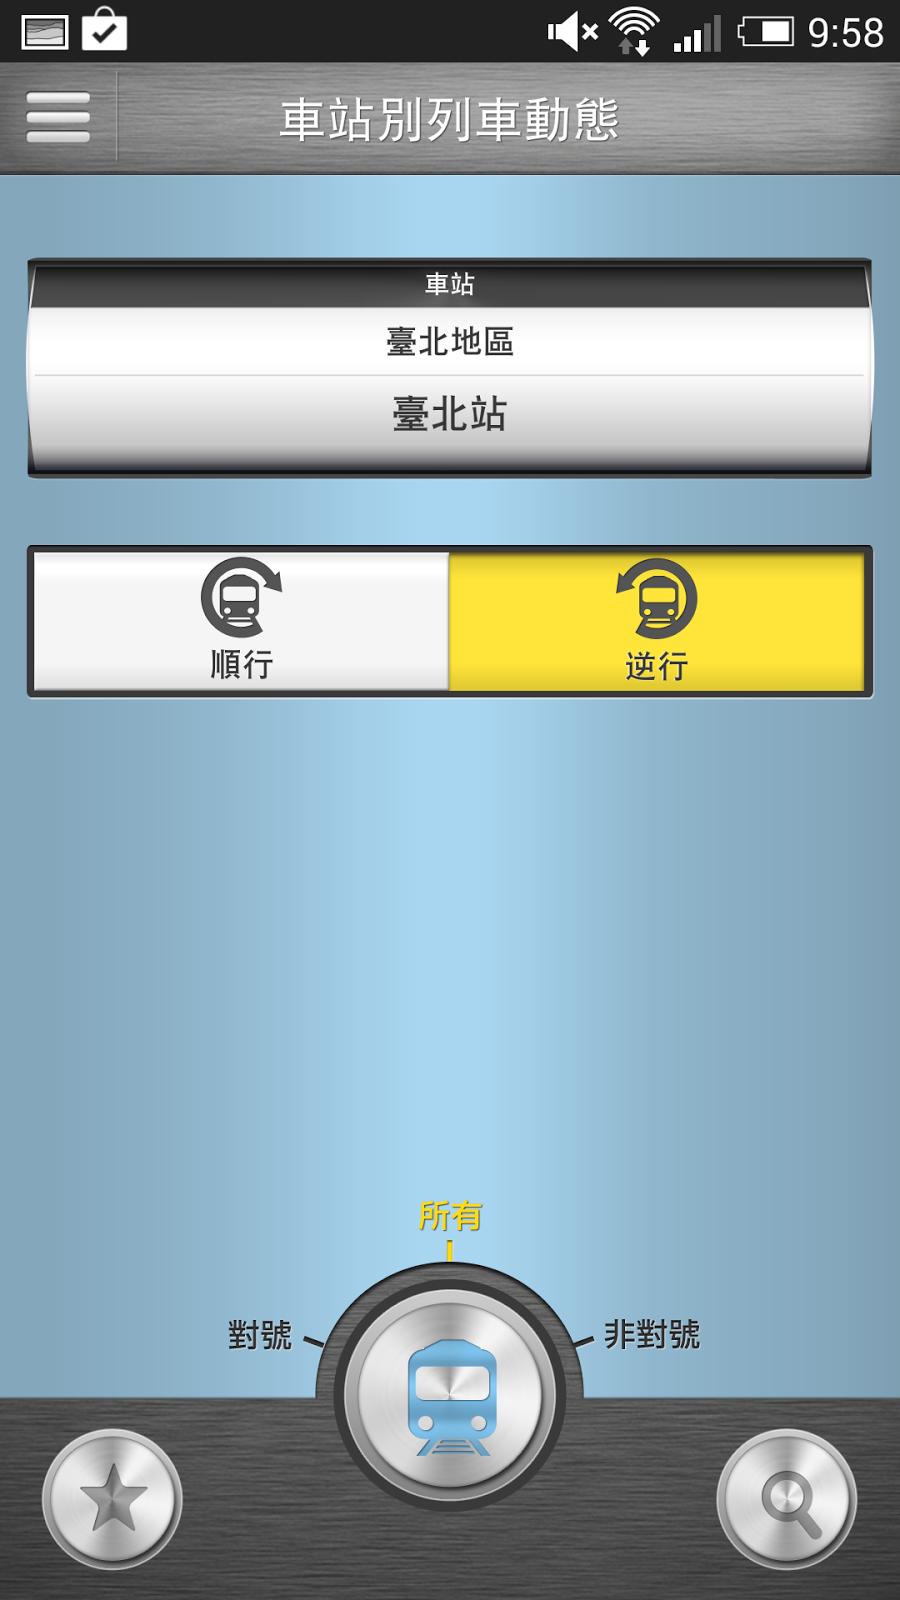 官方版火車時刻表訂票 App! 換試試意外好用臺鐵e訂通